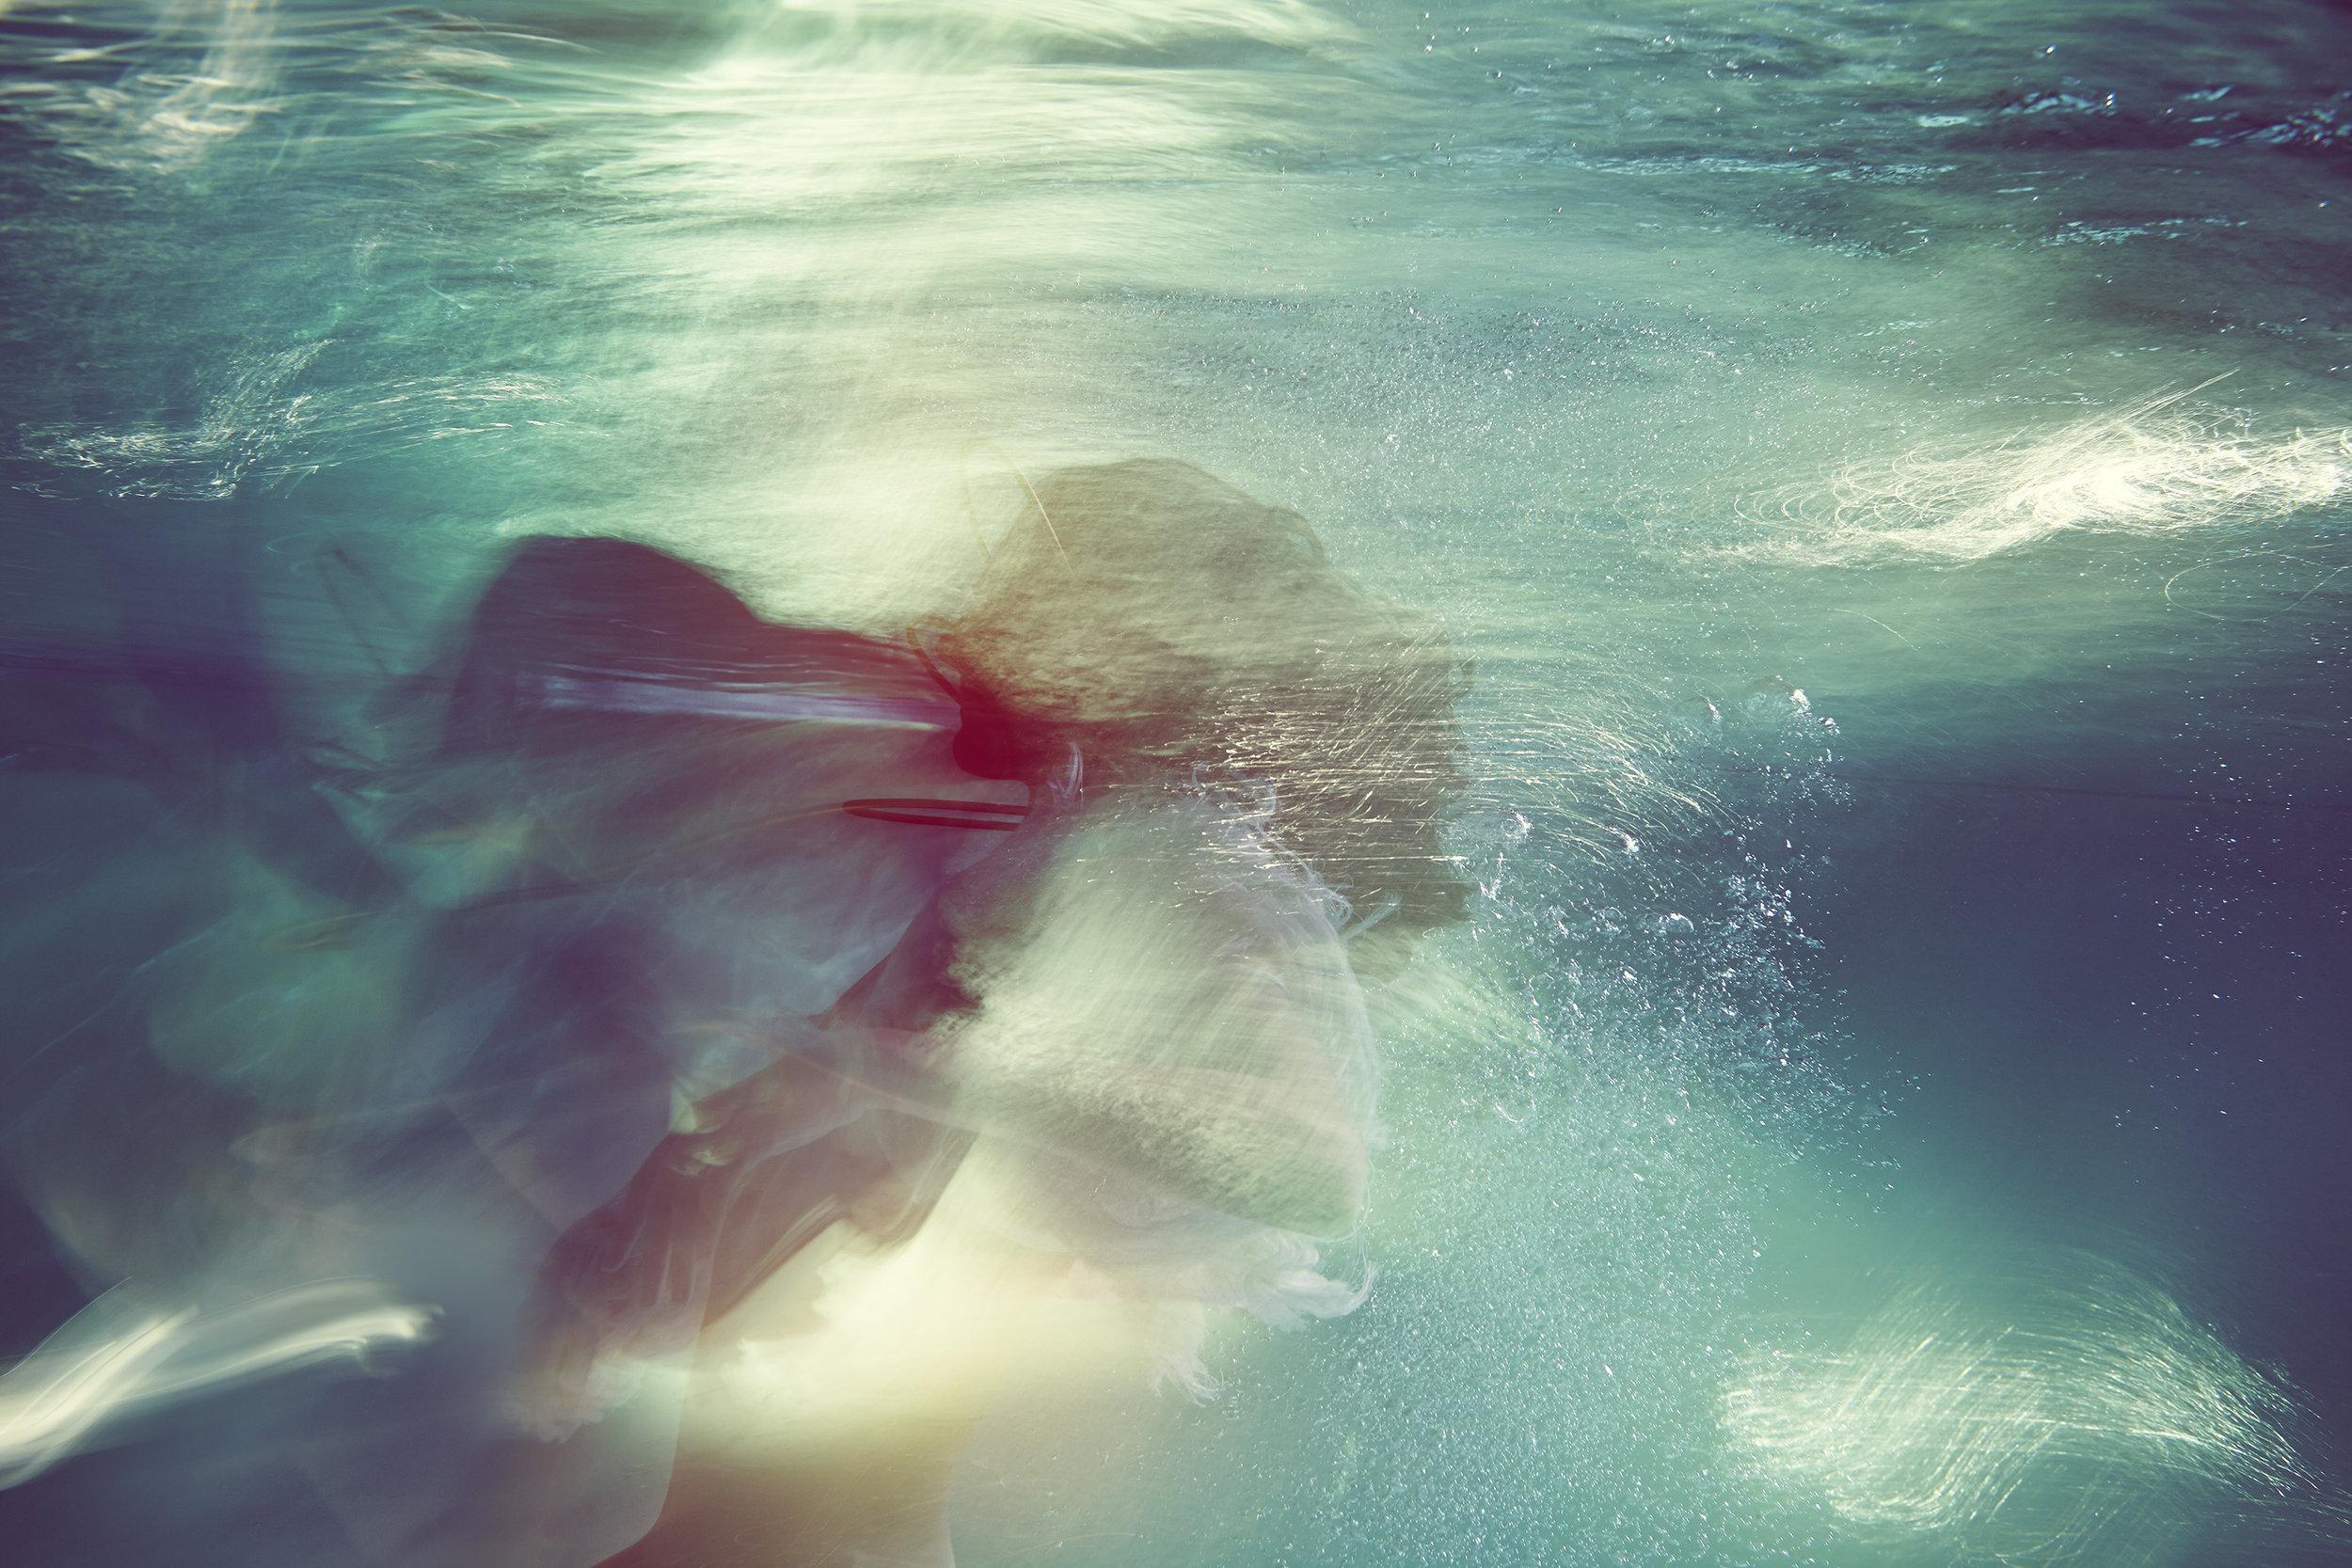 Susanne Stemmer girl underwater in red